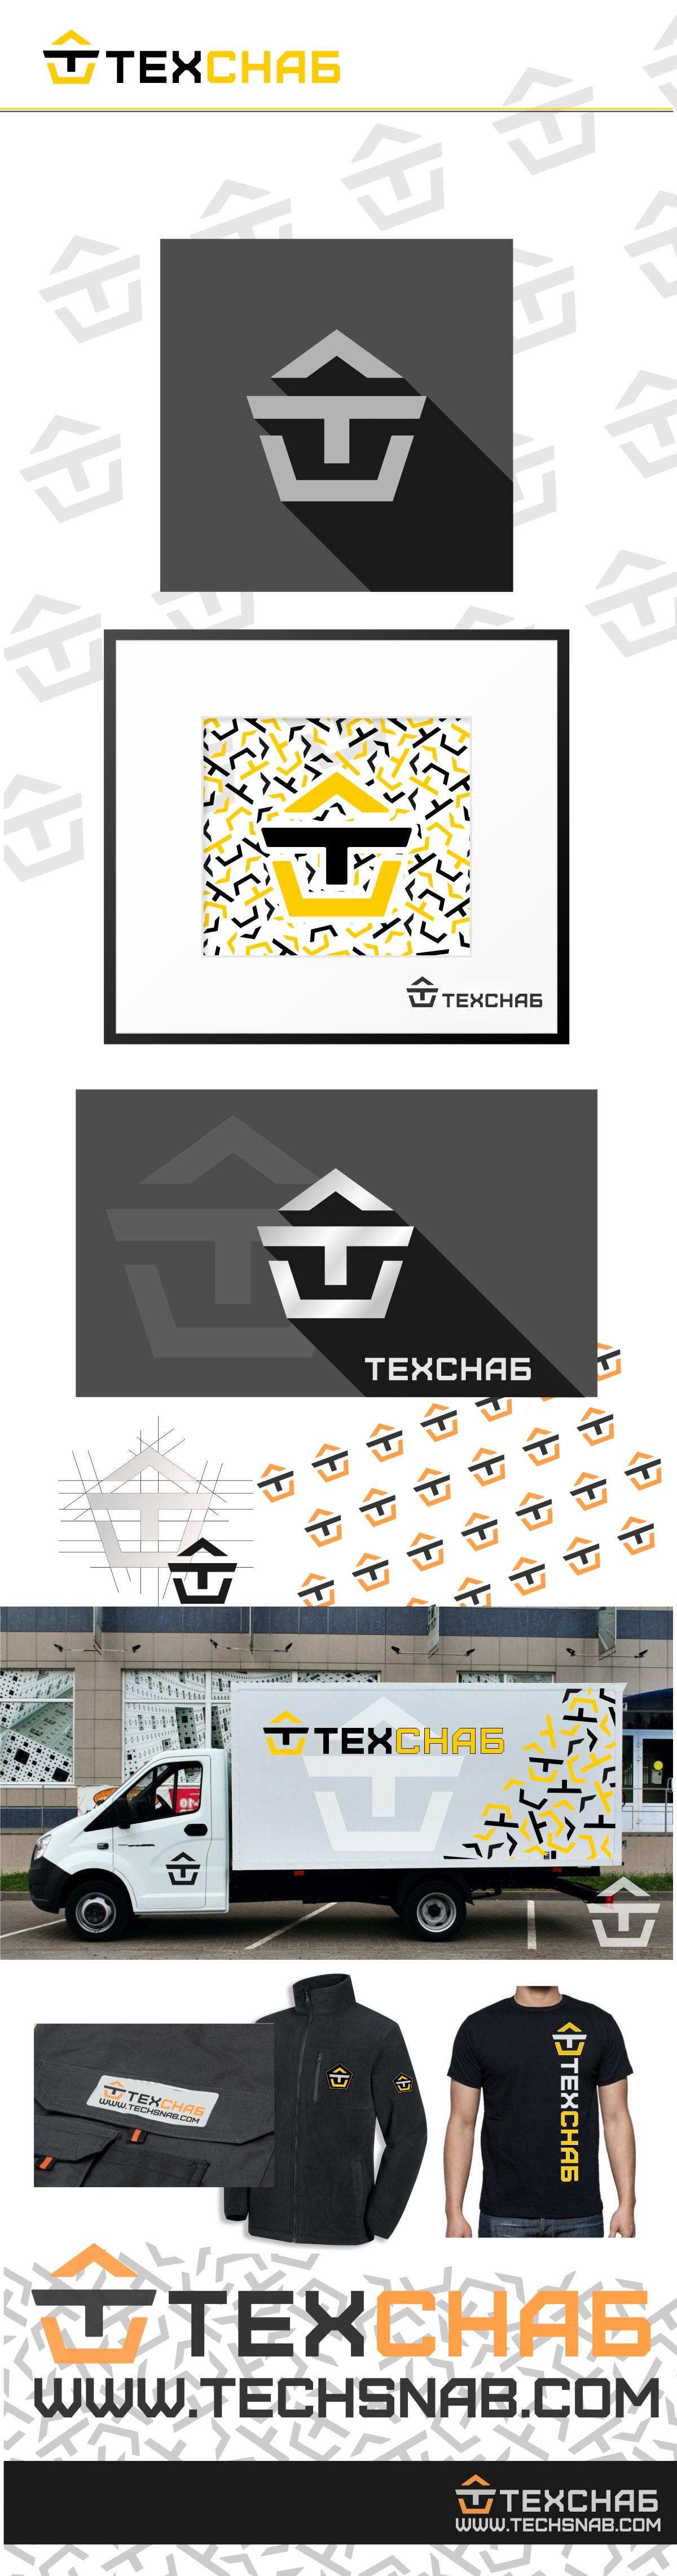 Разработка логотипа и фирм. стиля компании  ТЕХСНАБ фото f_3295b1cea31a5e10.jpg